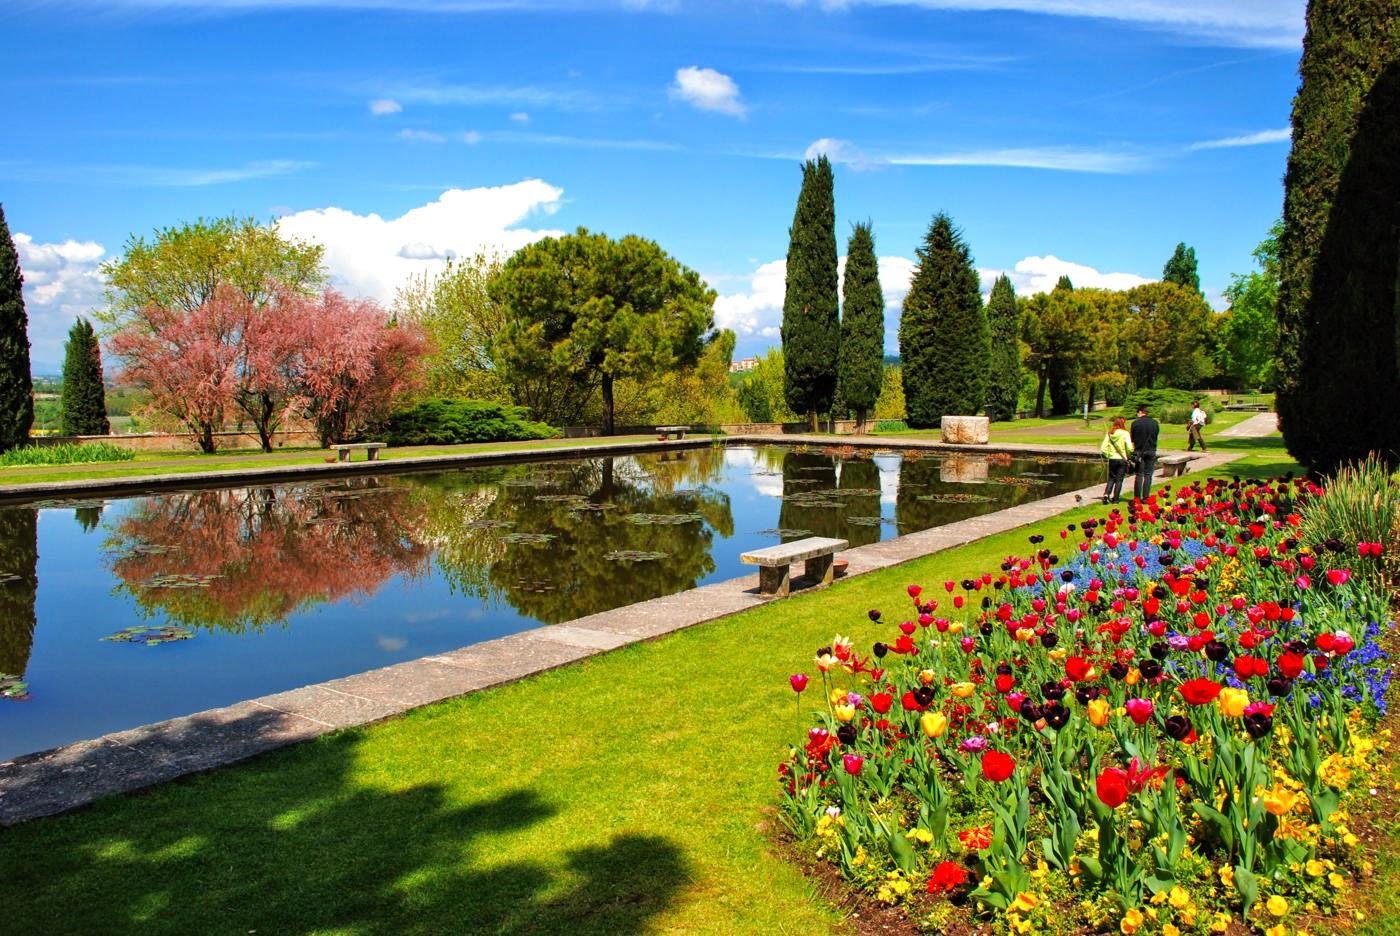 Fioritura dei tulipani nel Parco Giardino Sigurtà di Valeggio sul Mincio